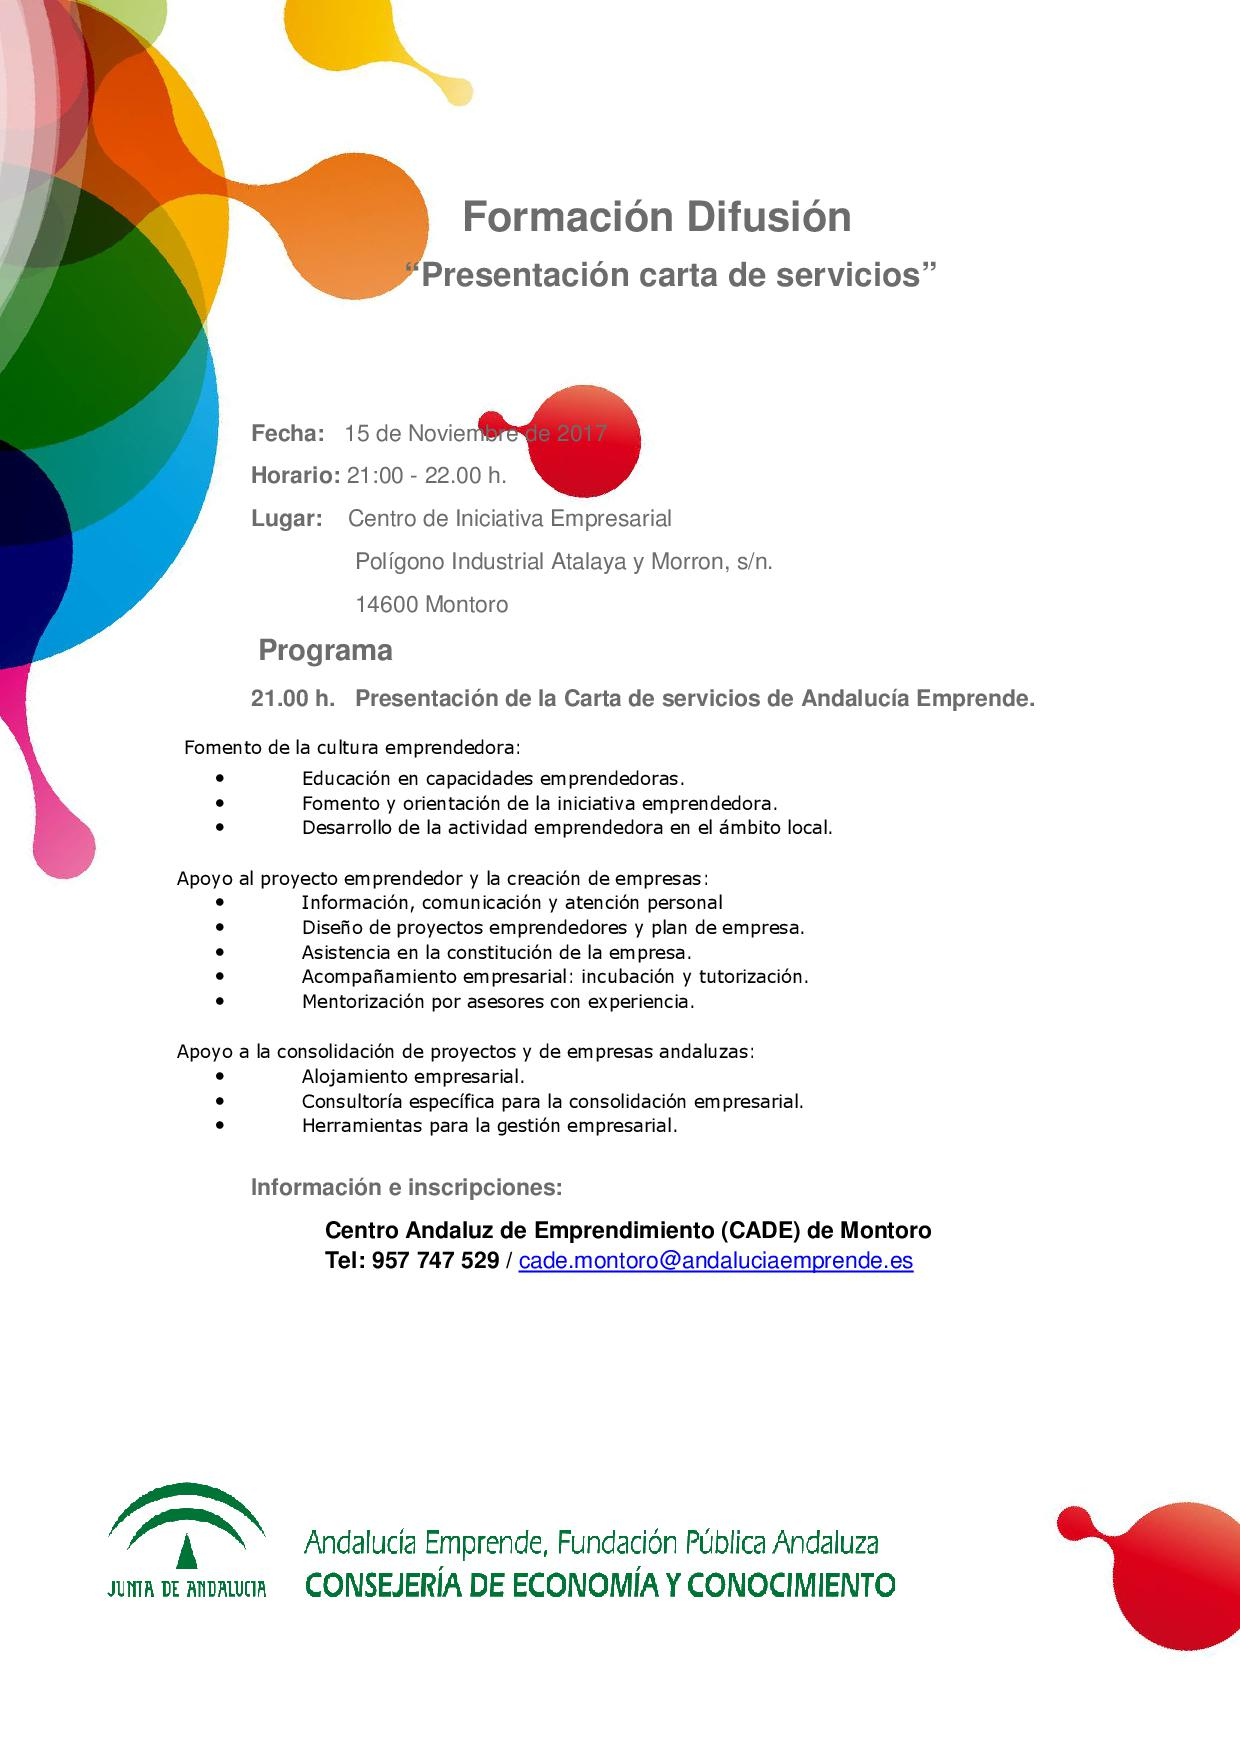 Presentacion Carta De Servicios Andalucia Emprende